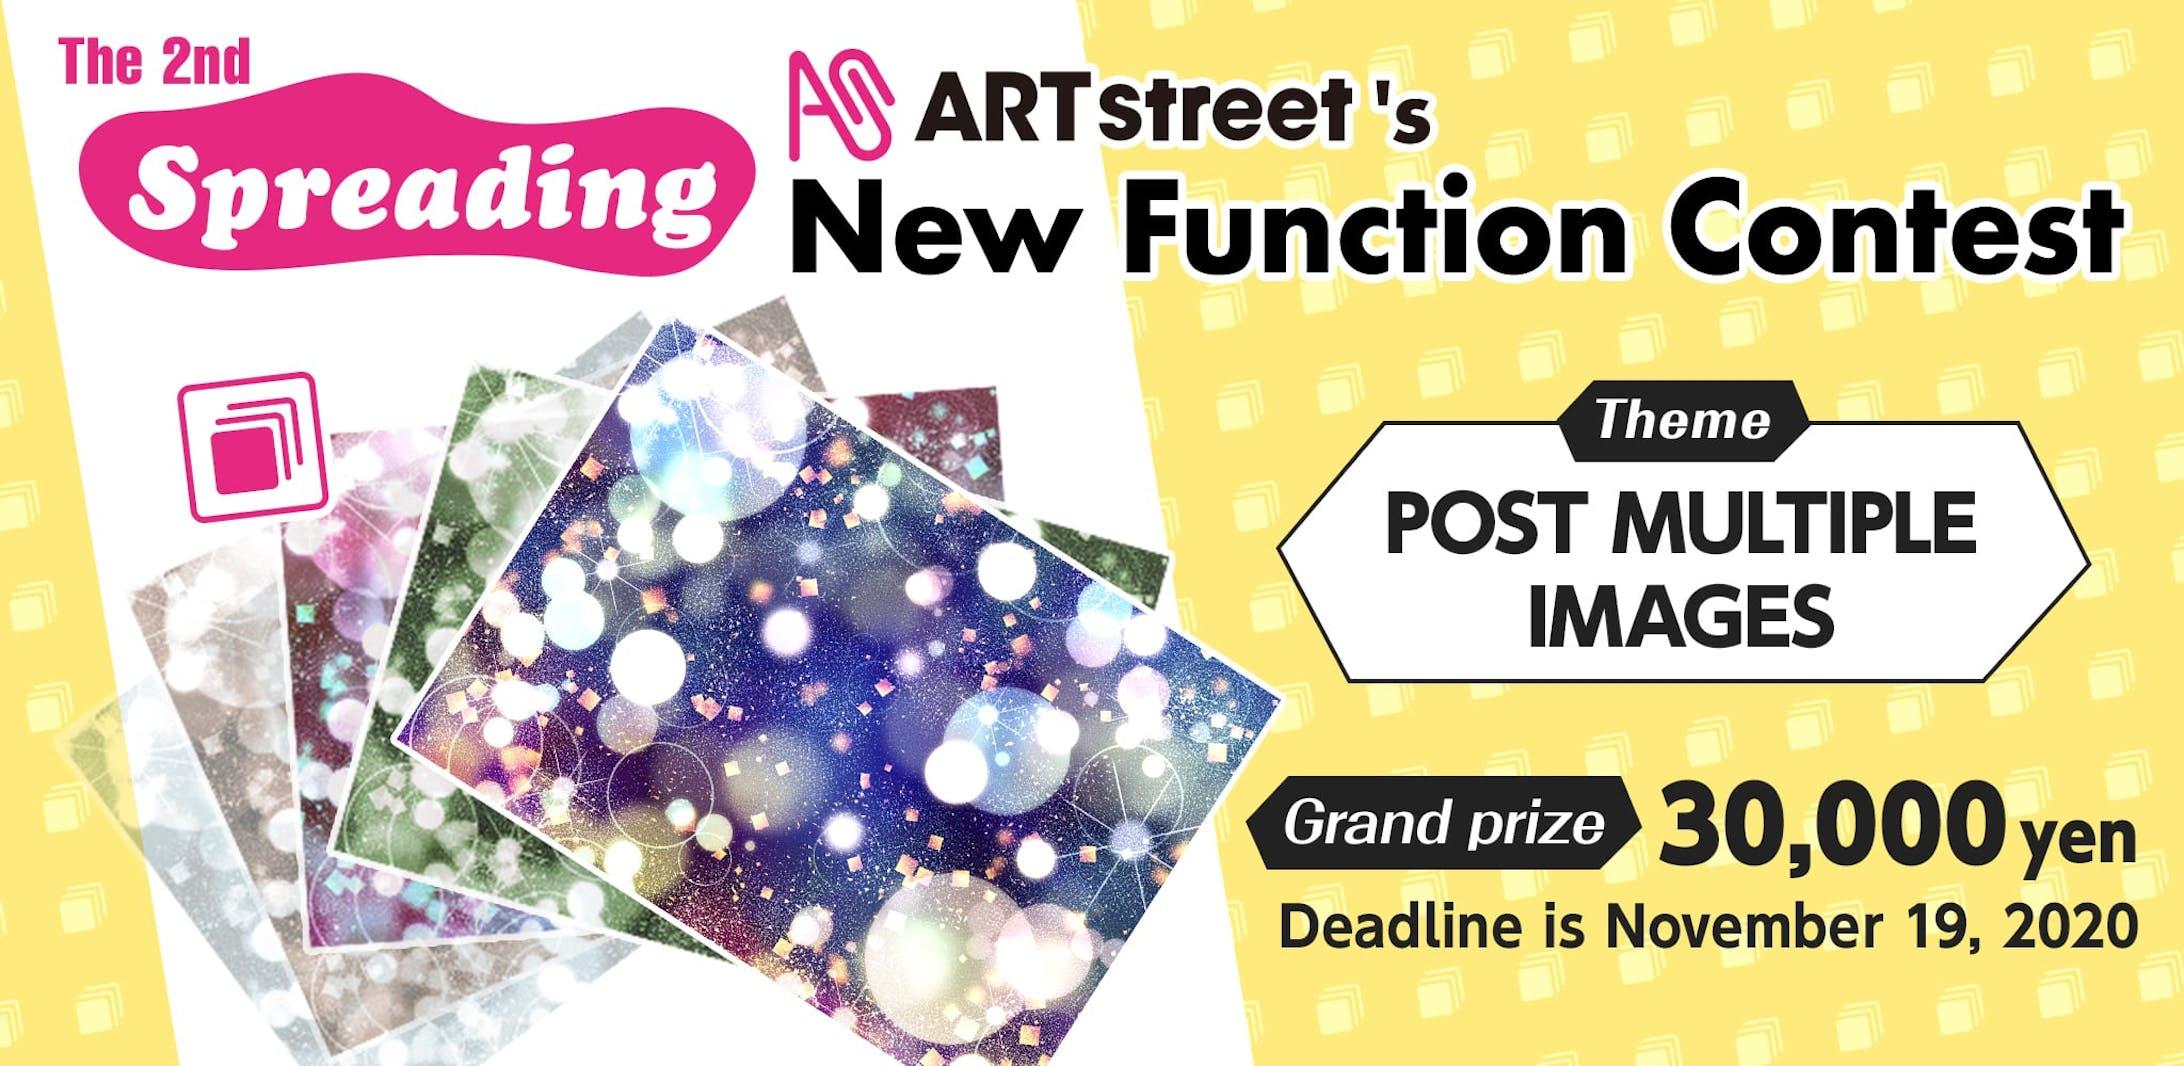 202008第2回 ART street新機能広めたいコンテスト-イラスト複数枚投稿-2